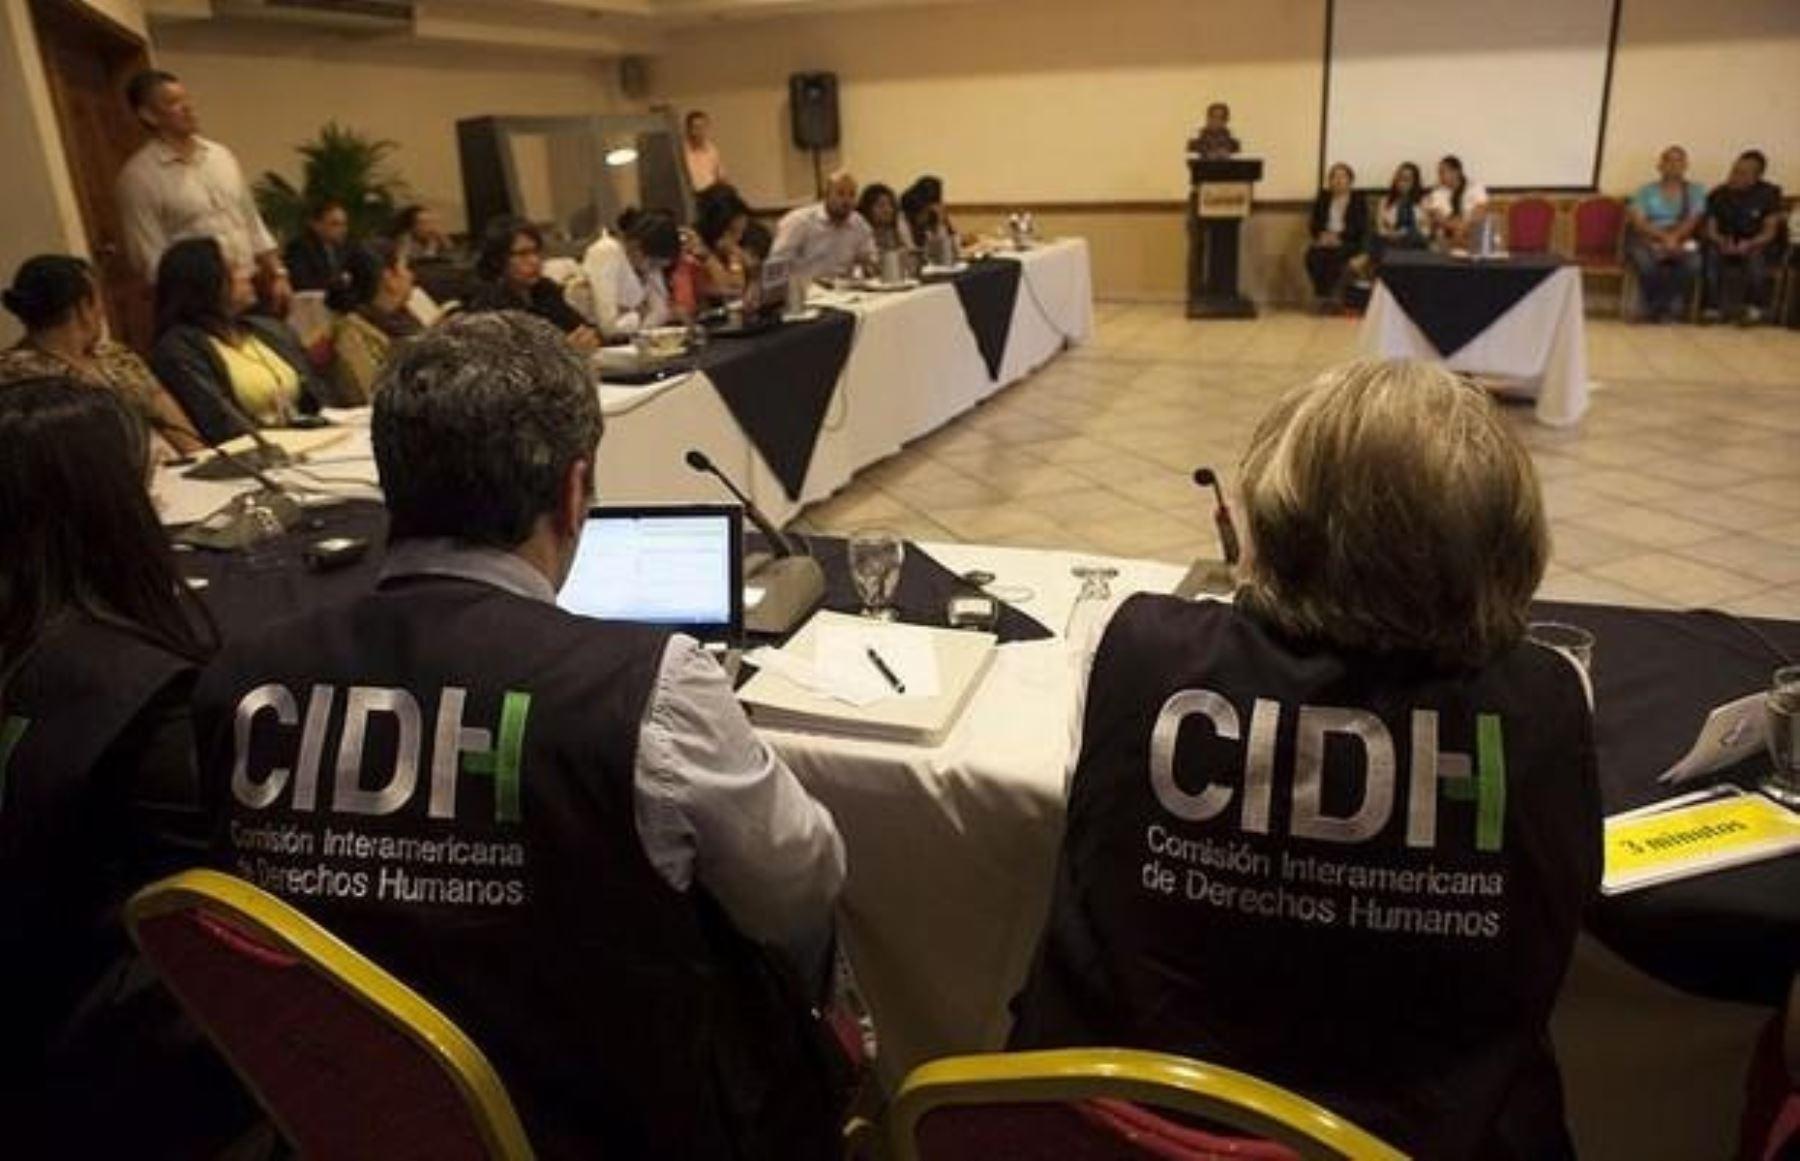 Comisión Interamericana de Derechos Humanos cuestiona convenios entre Policía y empresas mineras